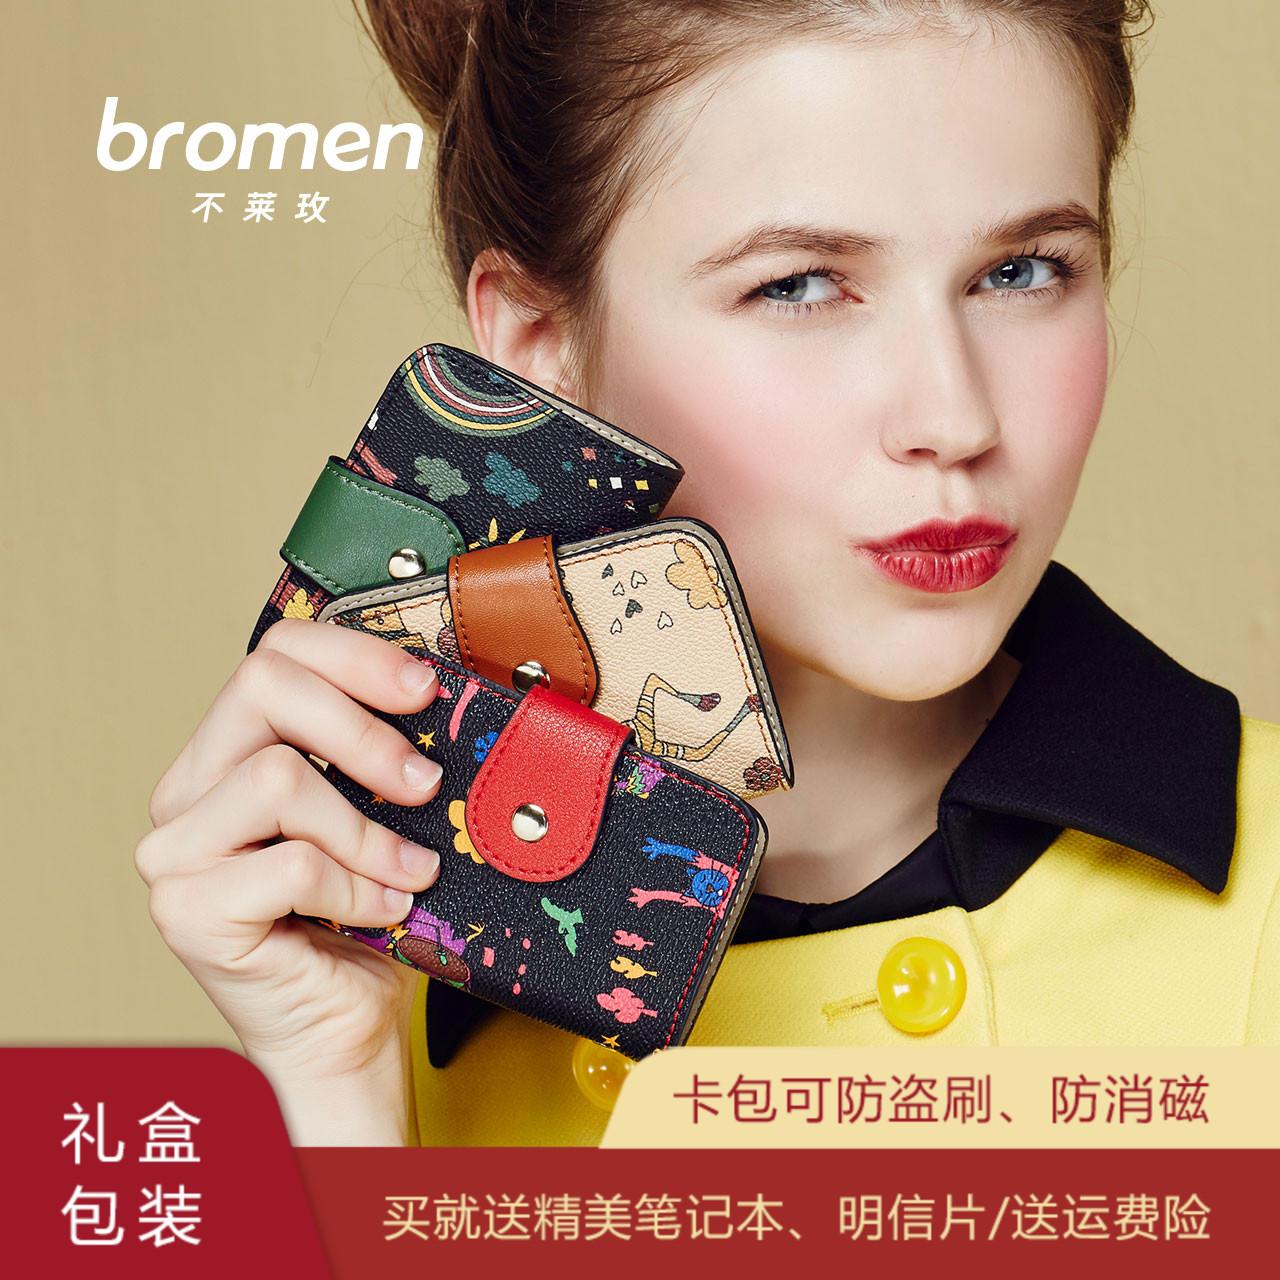 不莱玫ins小卡包钱包一体包女超薄新款韩国可爱迷你巧名片夹卡套